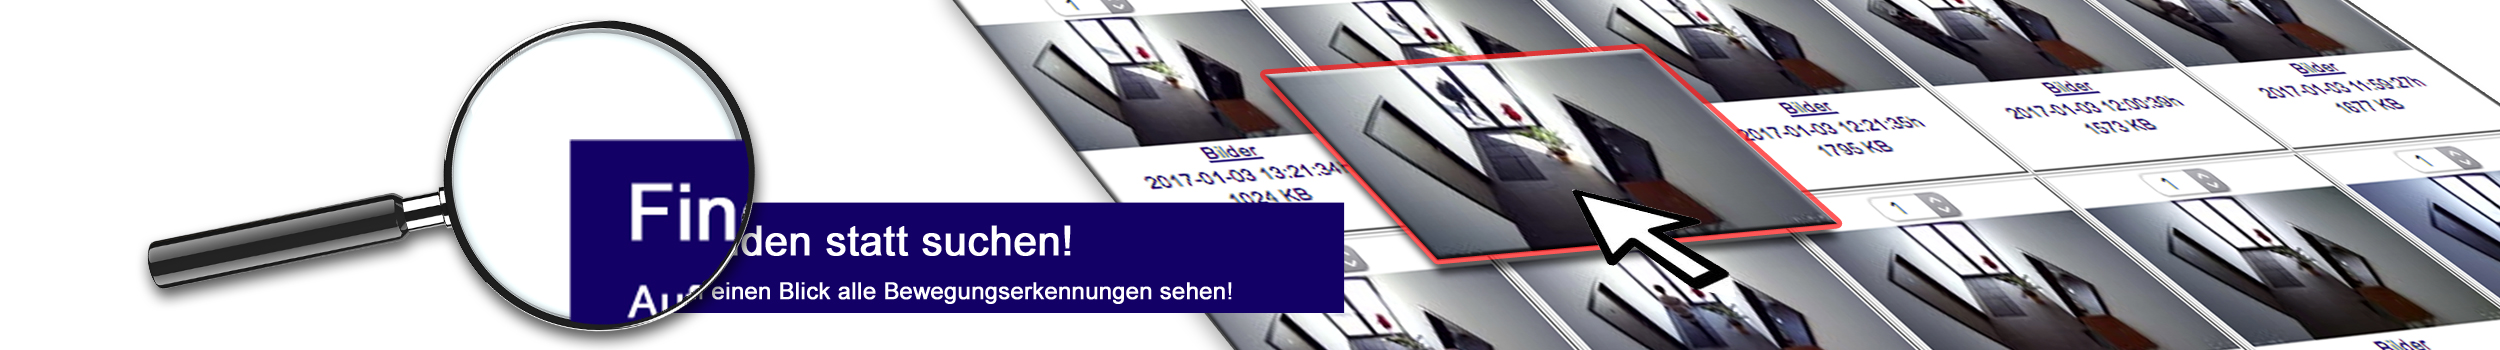 C-MOR Videoueberwachung - einfach Bewegungserkennungen finden